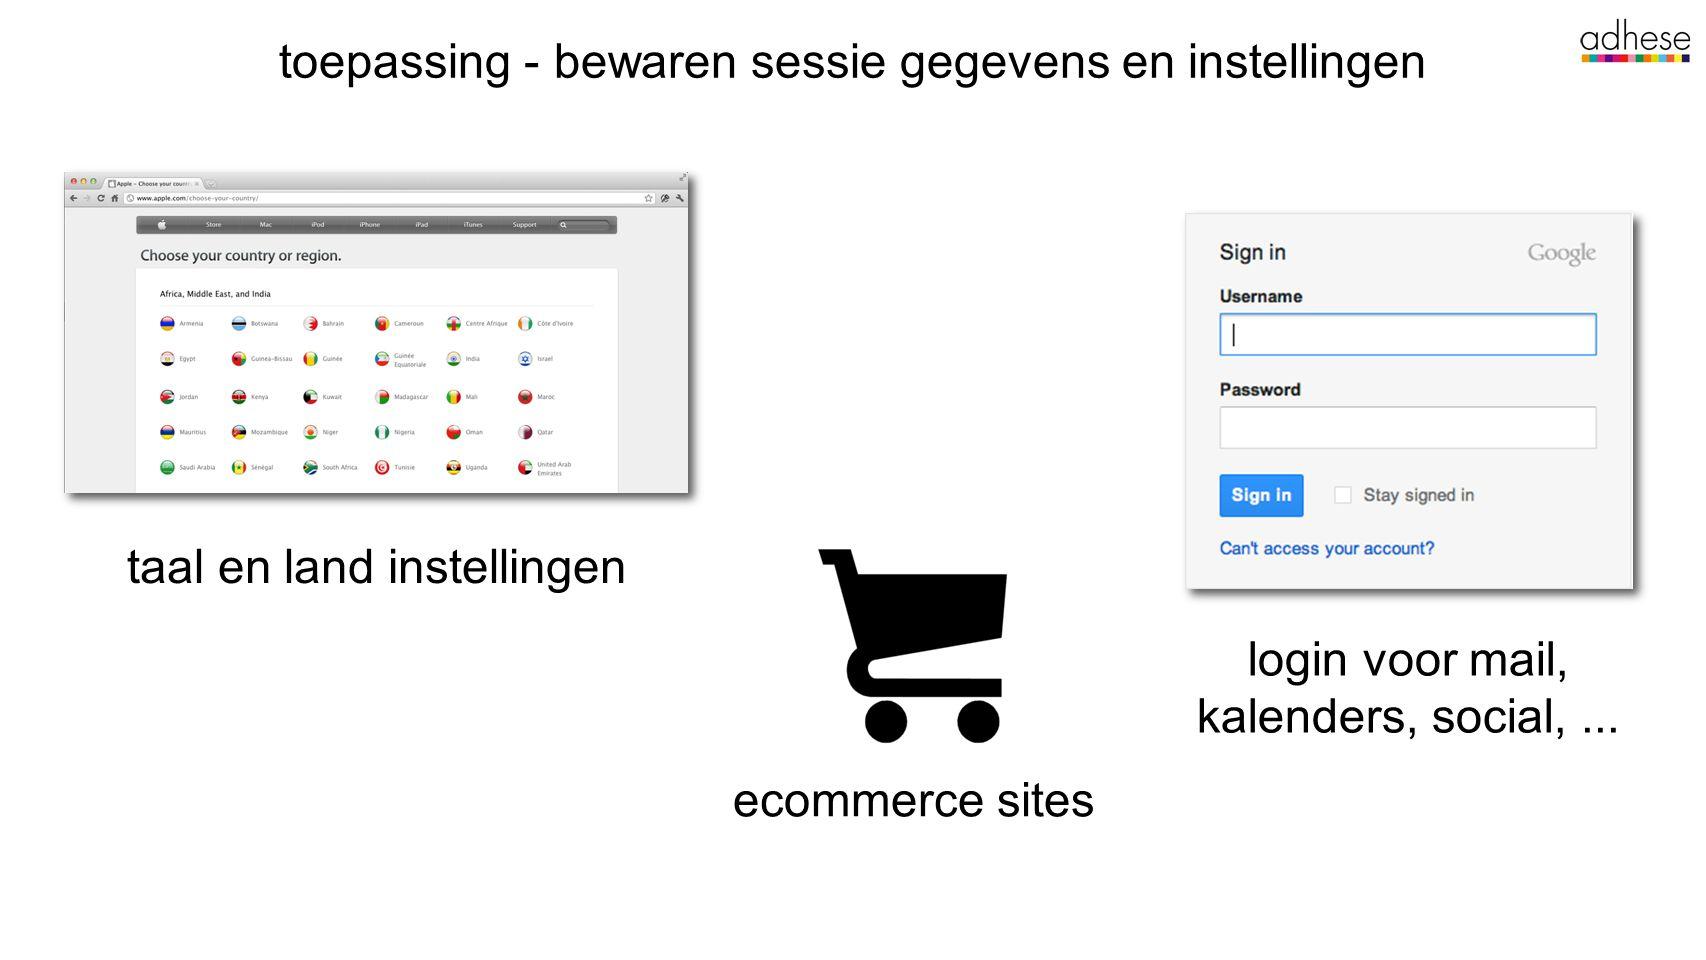 toepassing - bewaren sessie gegevens en instellingen taal en land instellingen ecommerce sites login voor mail, kalenders, social,...